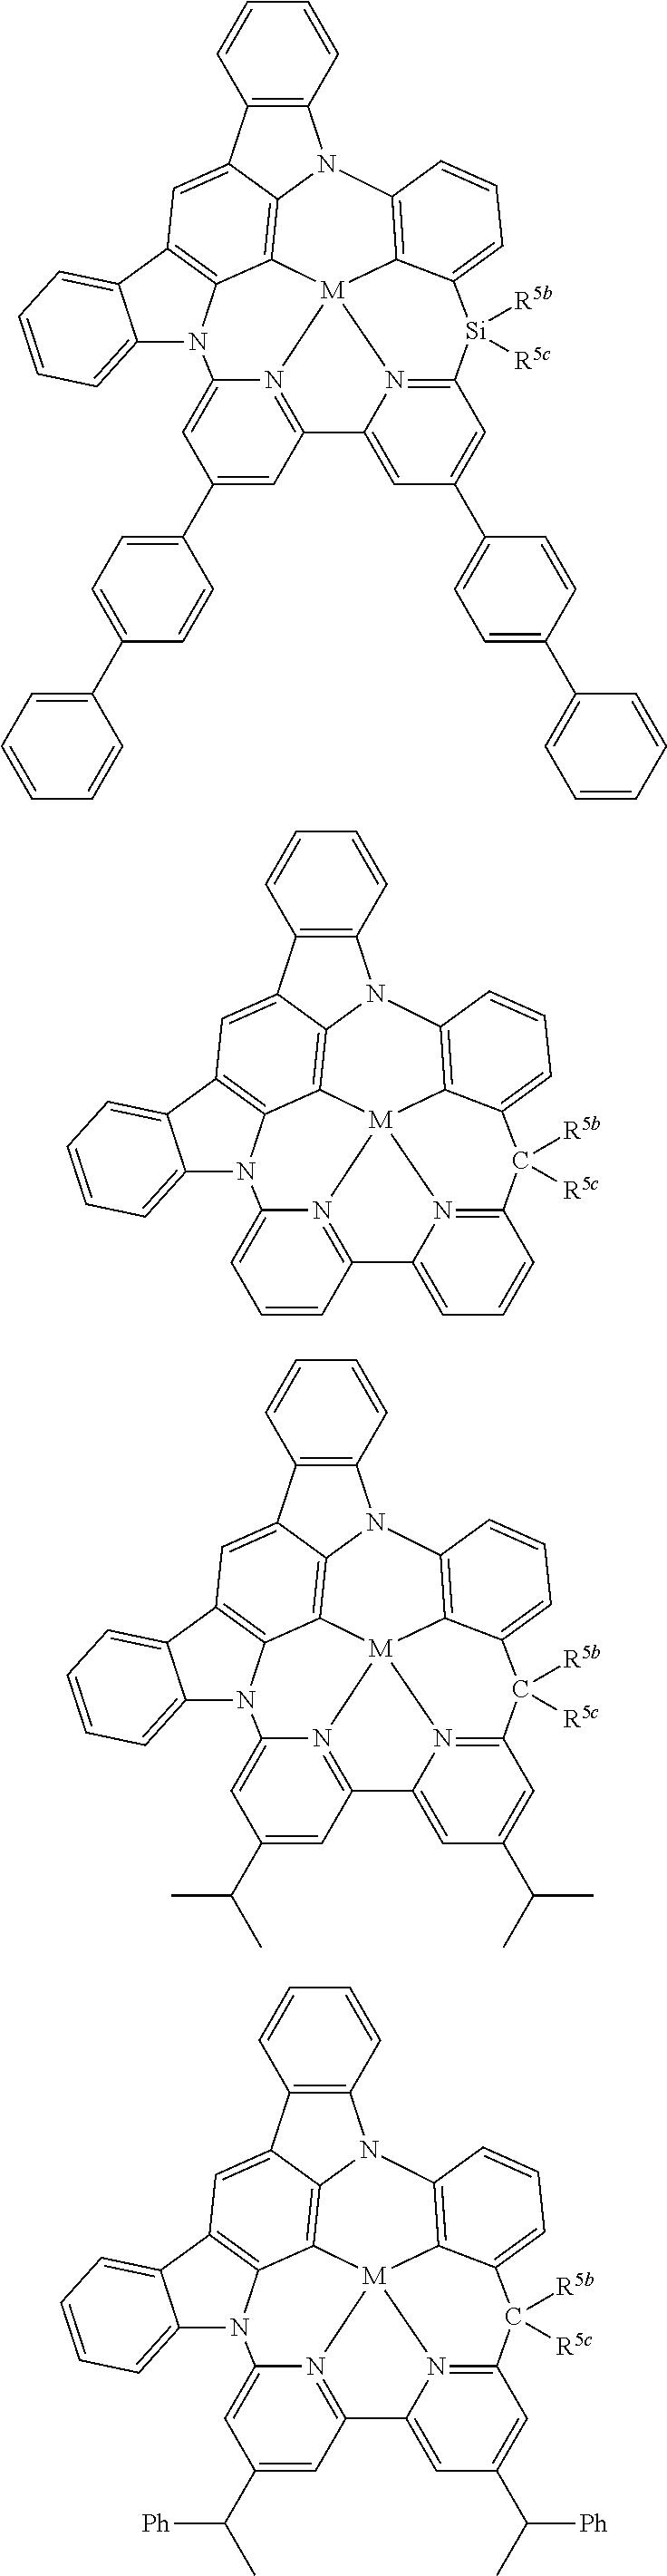 Figure US10158091-20181218-C00084